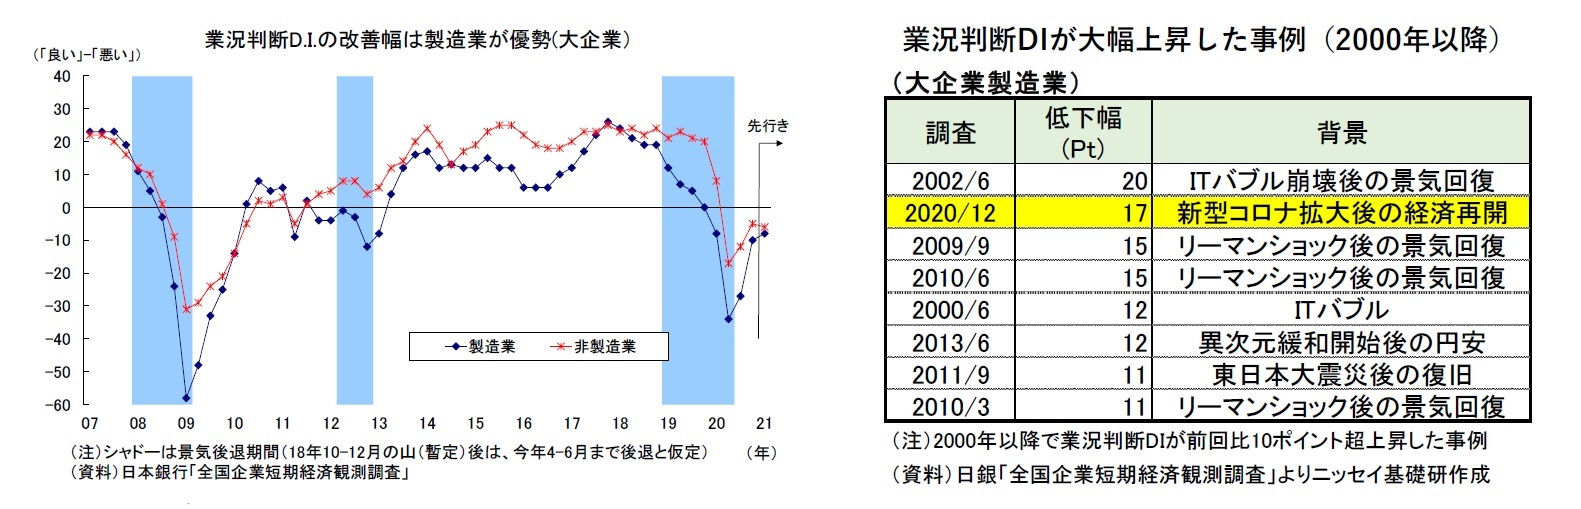 業況判断D.I.の改善幅は製造業が優勢(大企業)/業況判断DIが大幅上昇した事例(2000年以降)